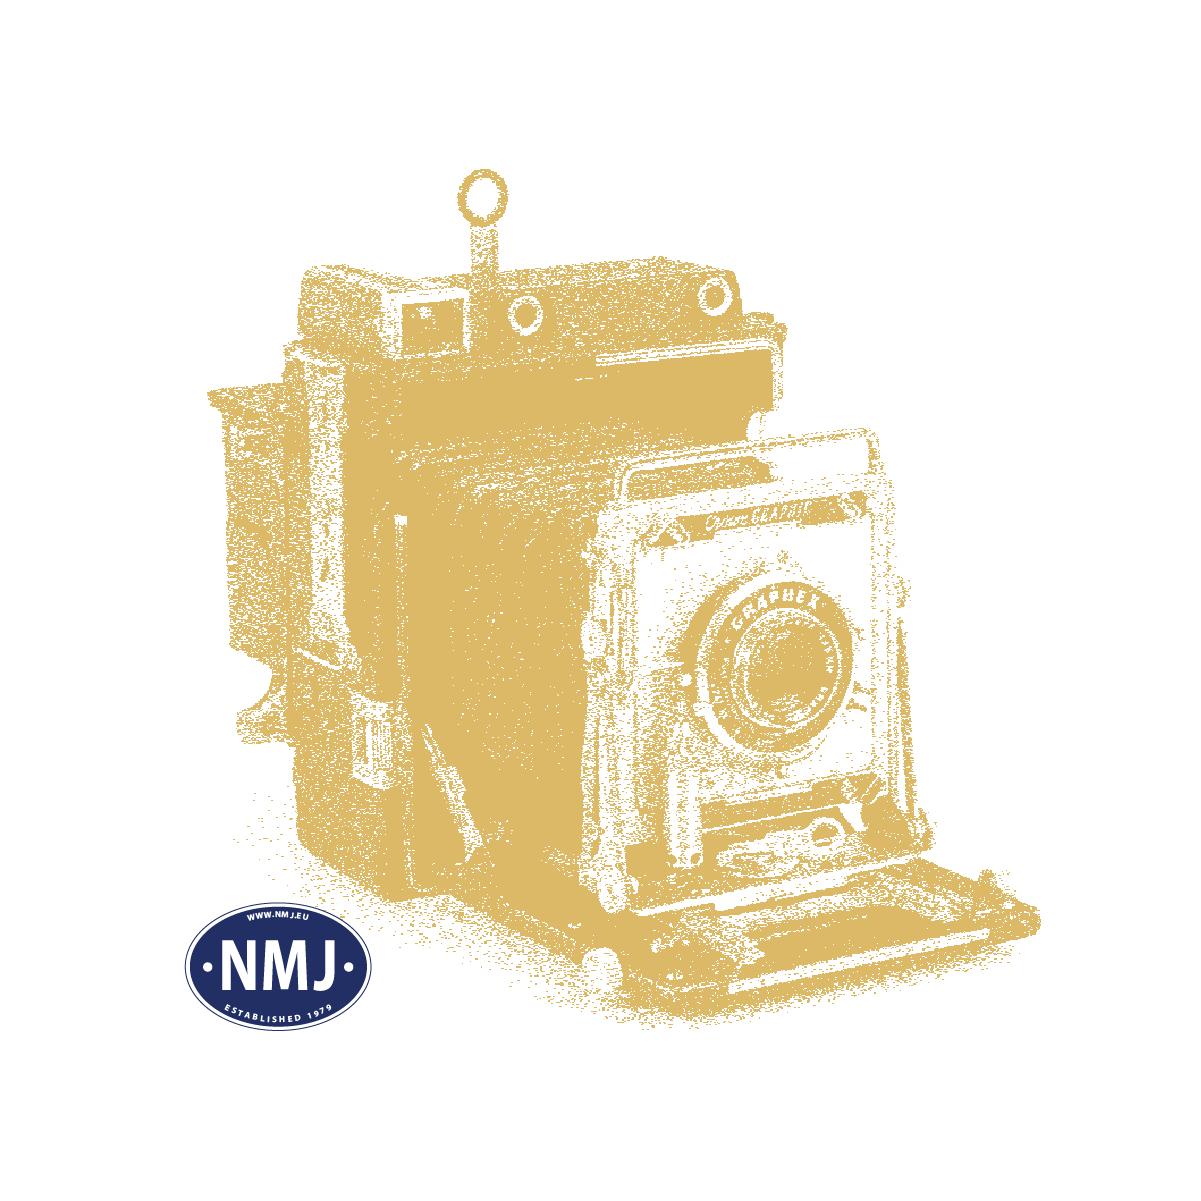 NMJT132.103 - NMJ Topline NSB B4 25954, Gammeldesign